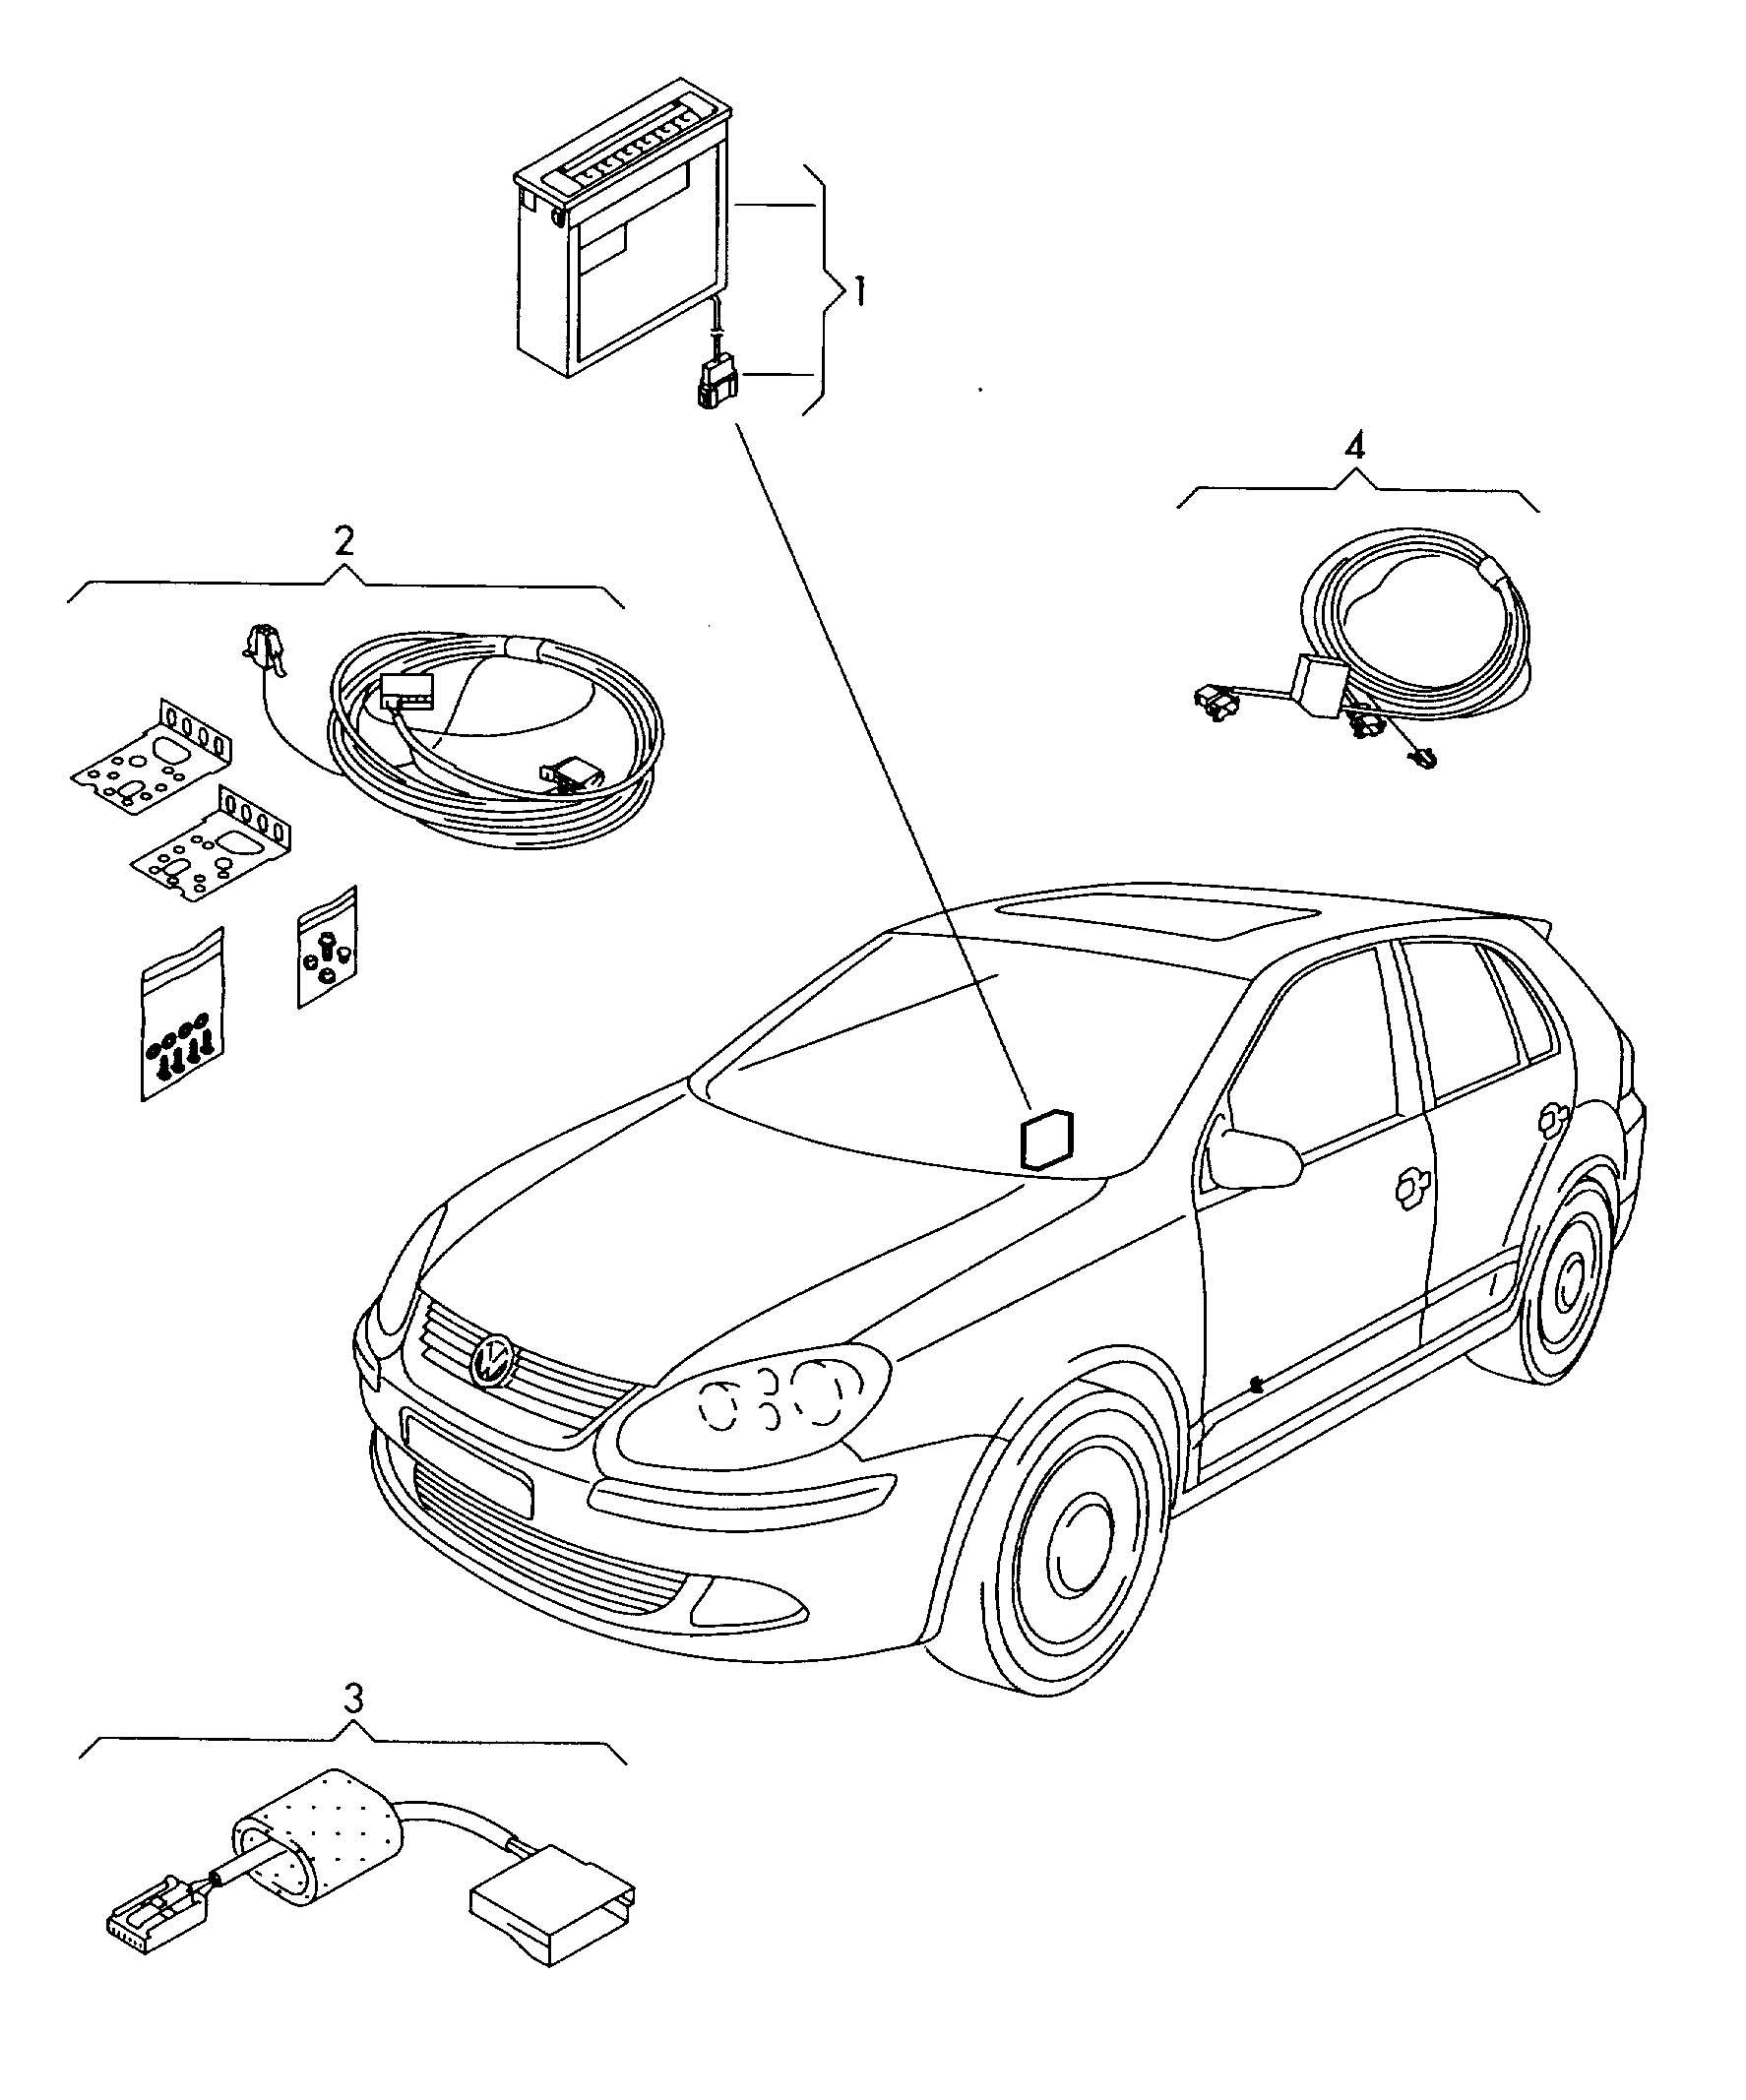 Volkswagen Eos Original Accessories Cd Changer